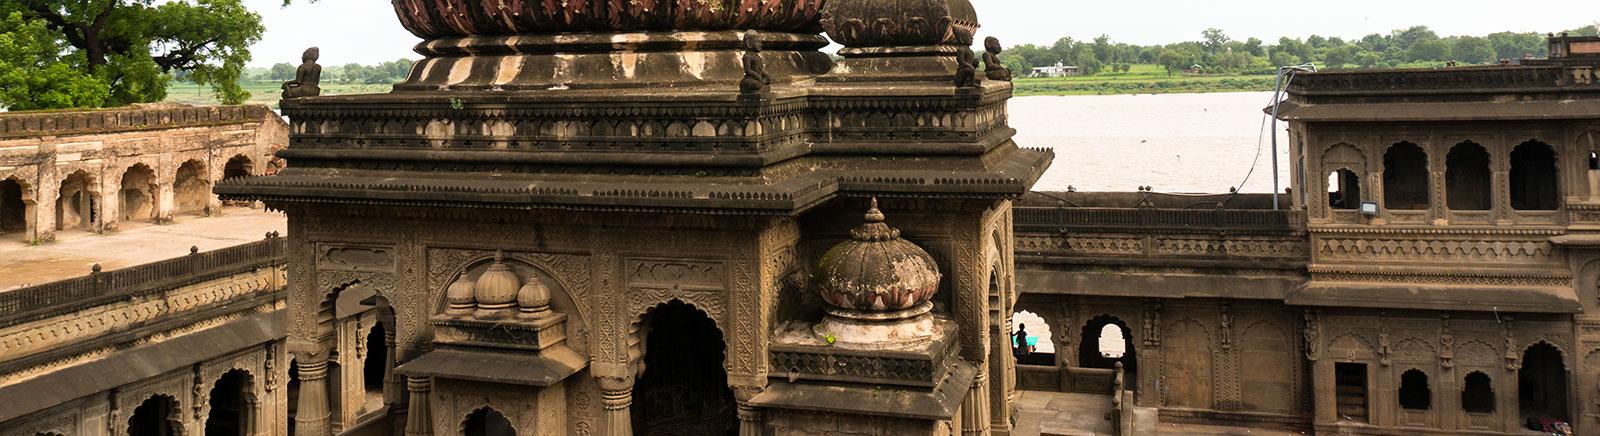 Indore, Madhya Pradesh In & Around